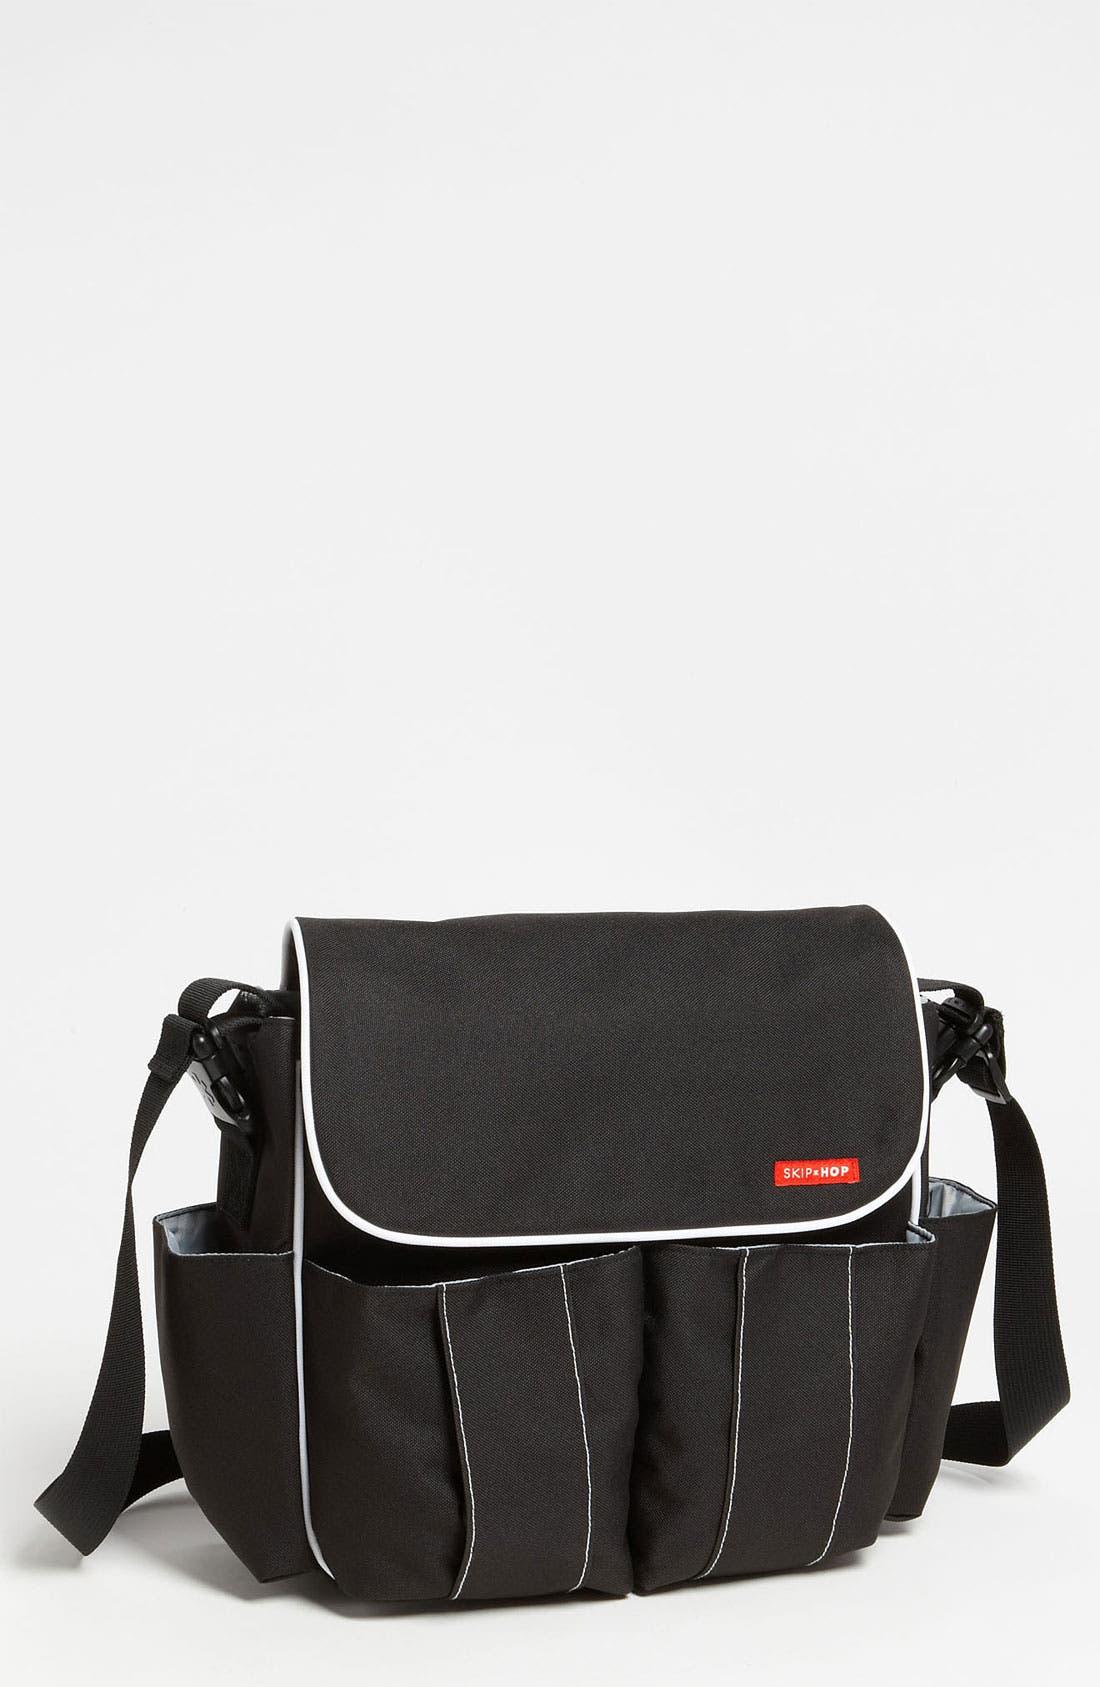 Main Image - Skip Hop 'Dash' Diaper Bag (Deluxe Edition)